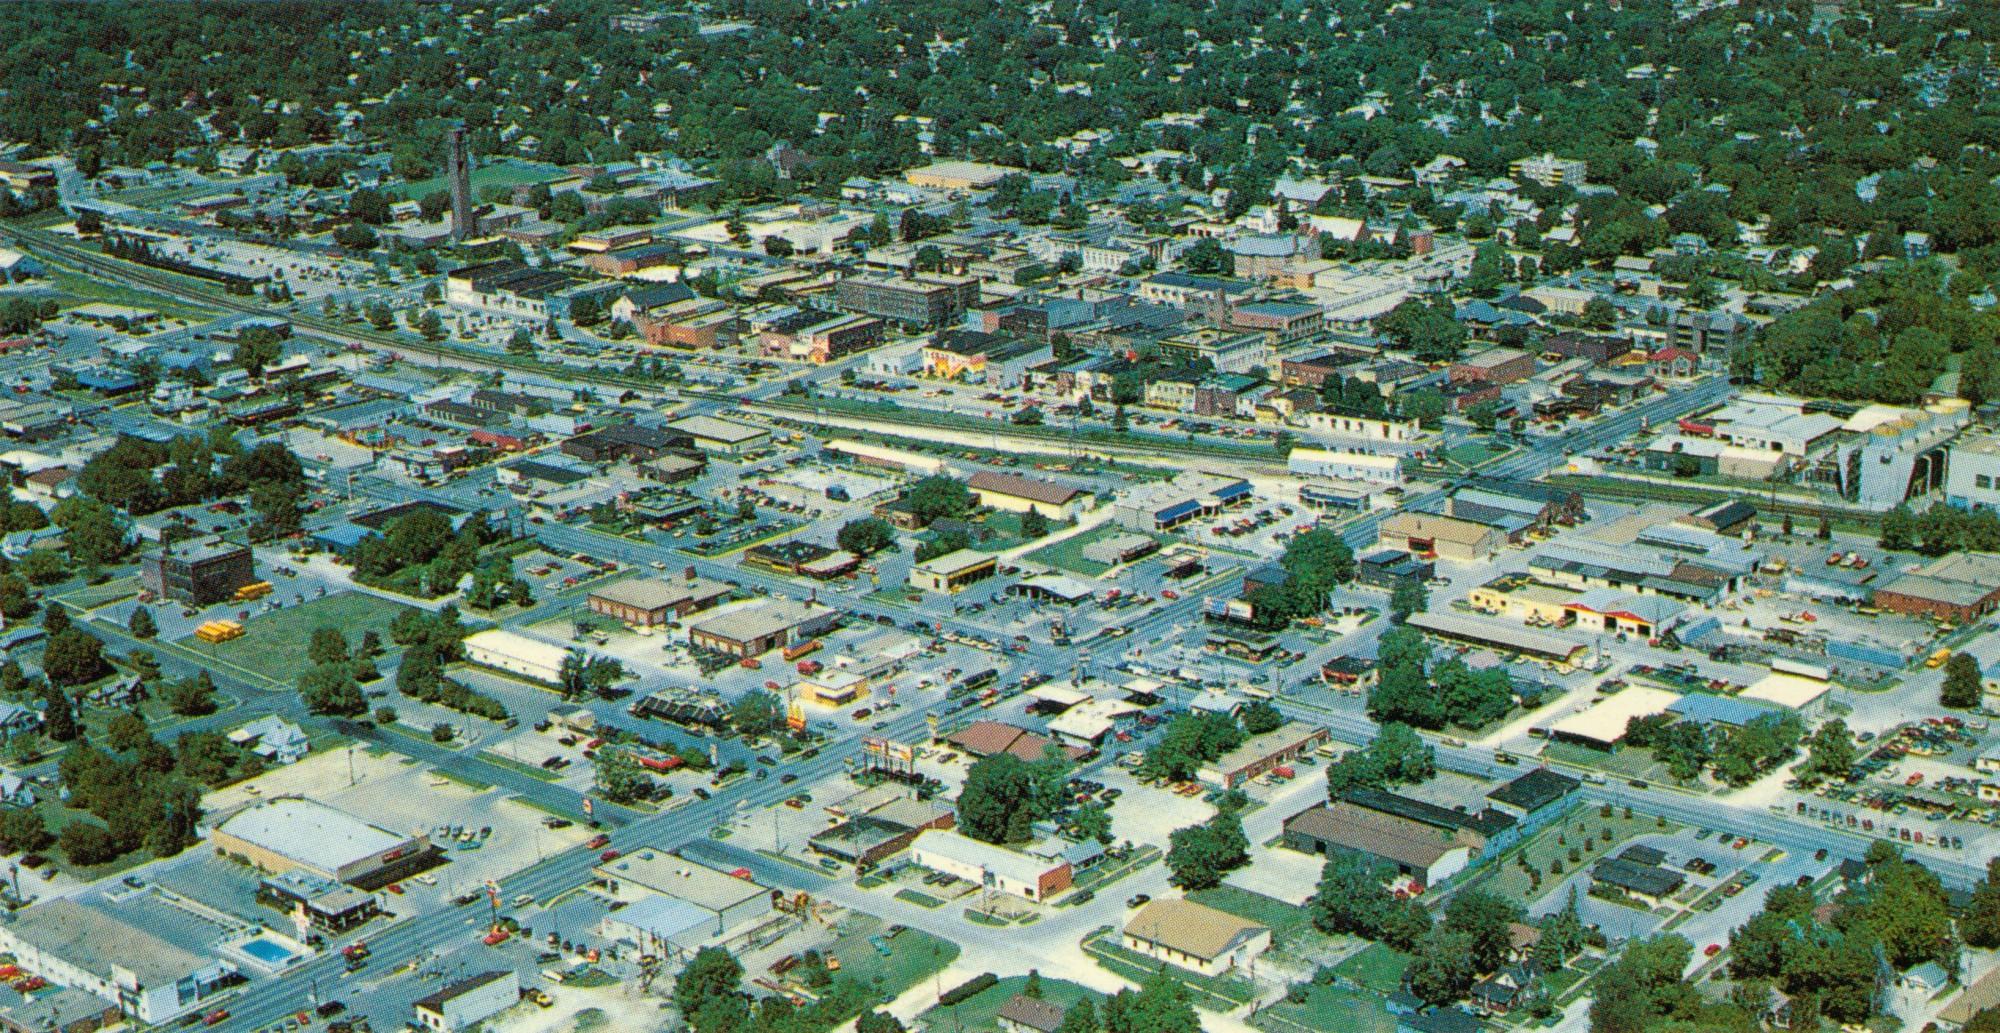 ames_aerial_1980s.jpg